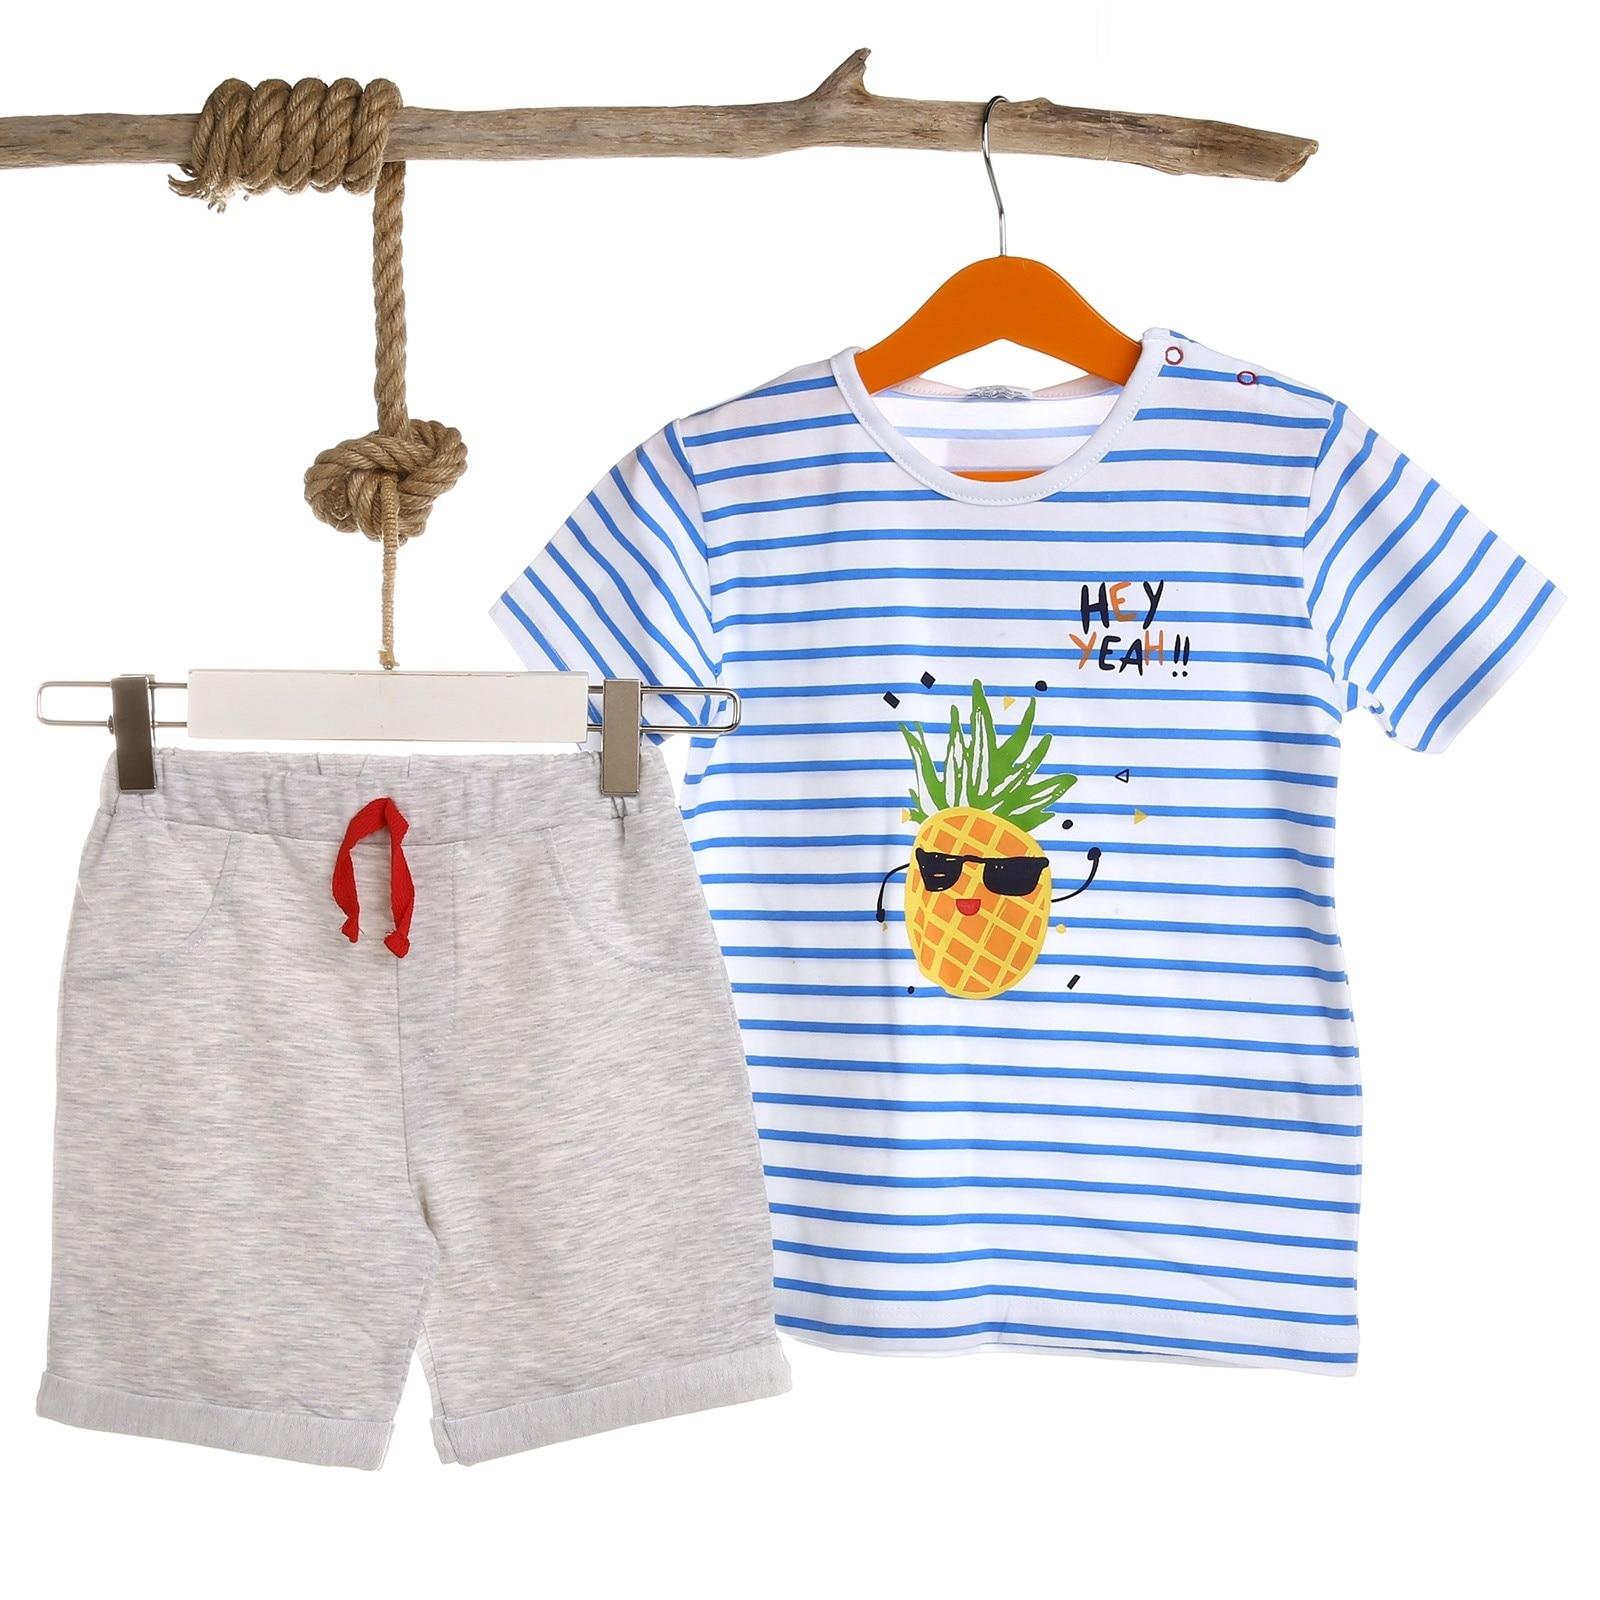 Ebebek Luggi Baby Boy Pineapple Tshirt Short